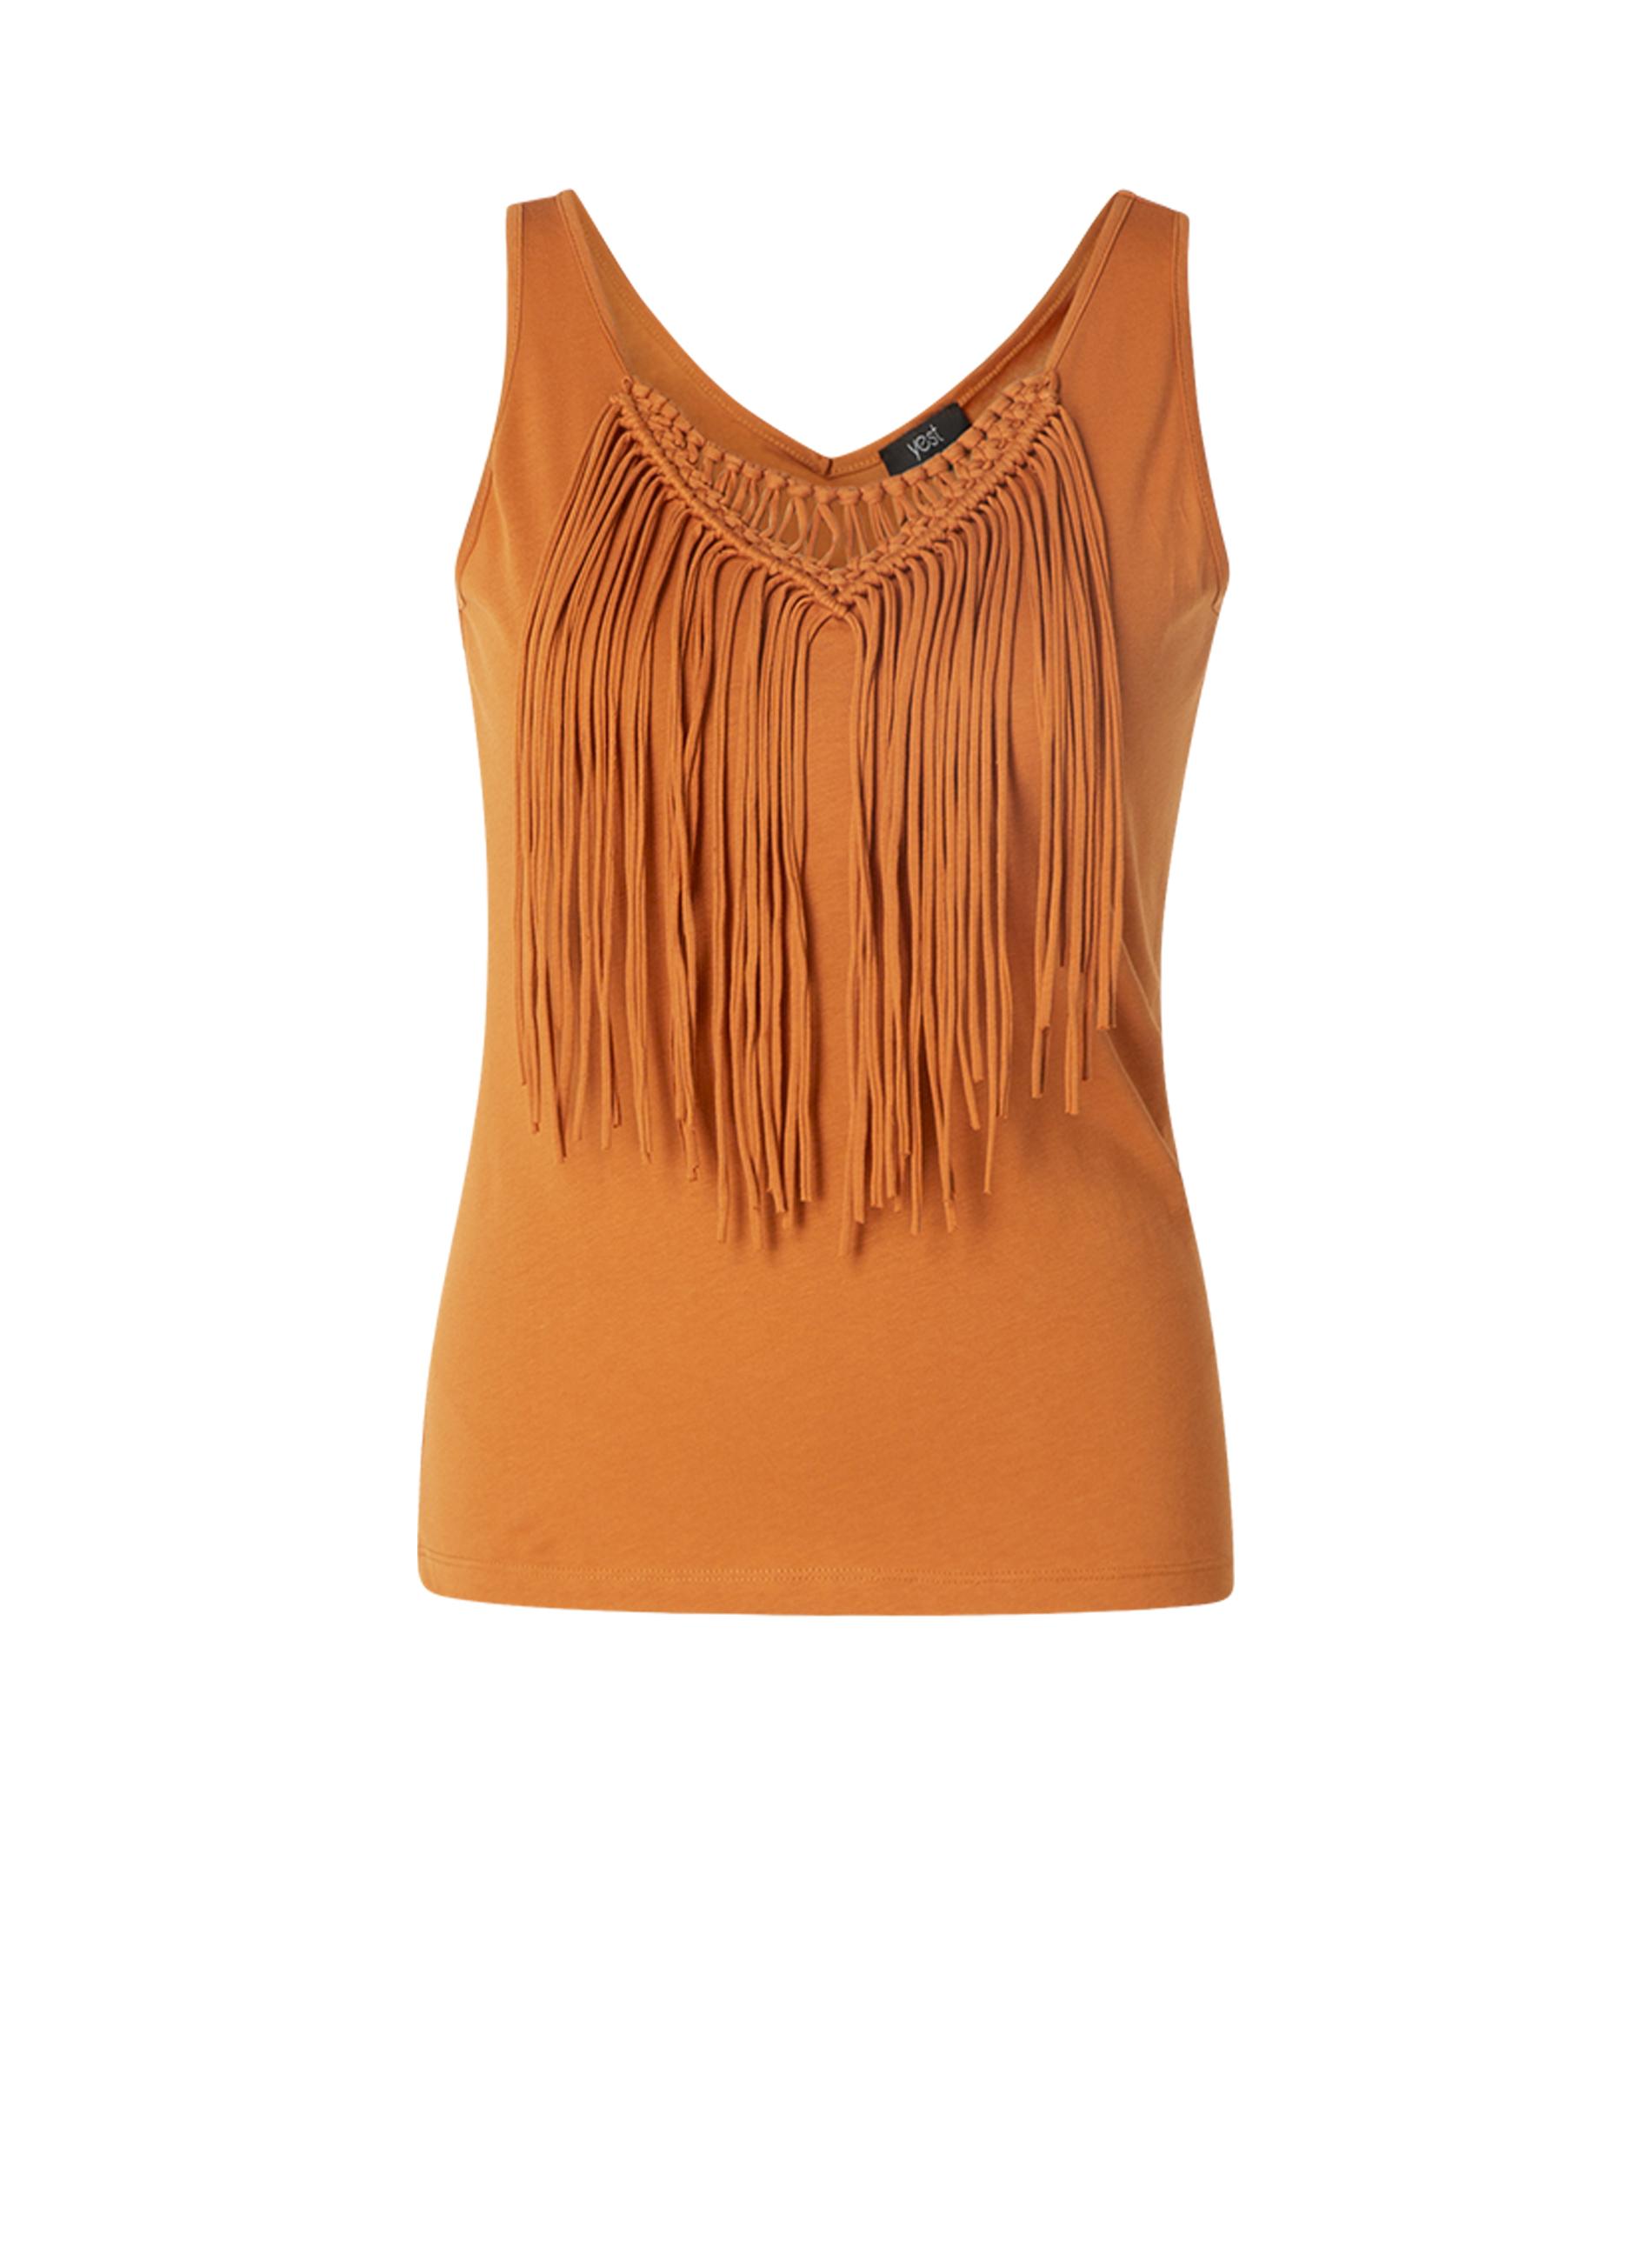 Yesta shirt Lennox 74 cm